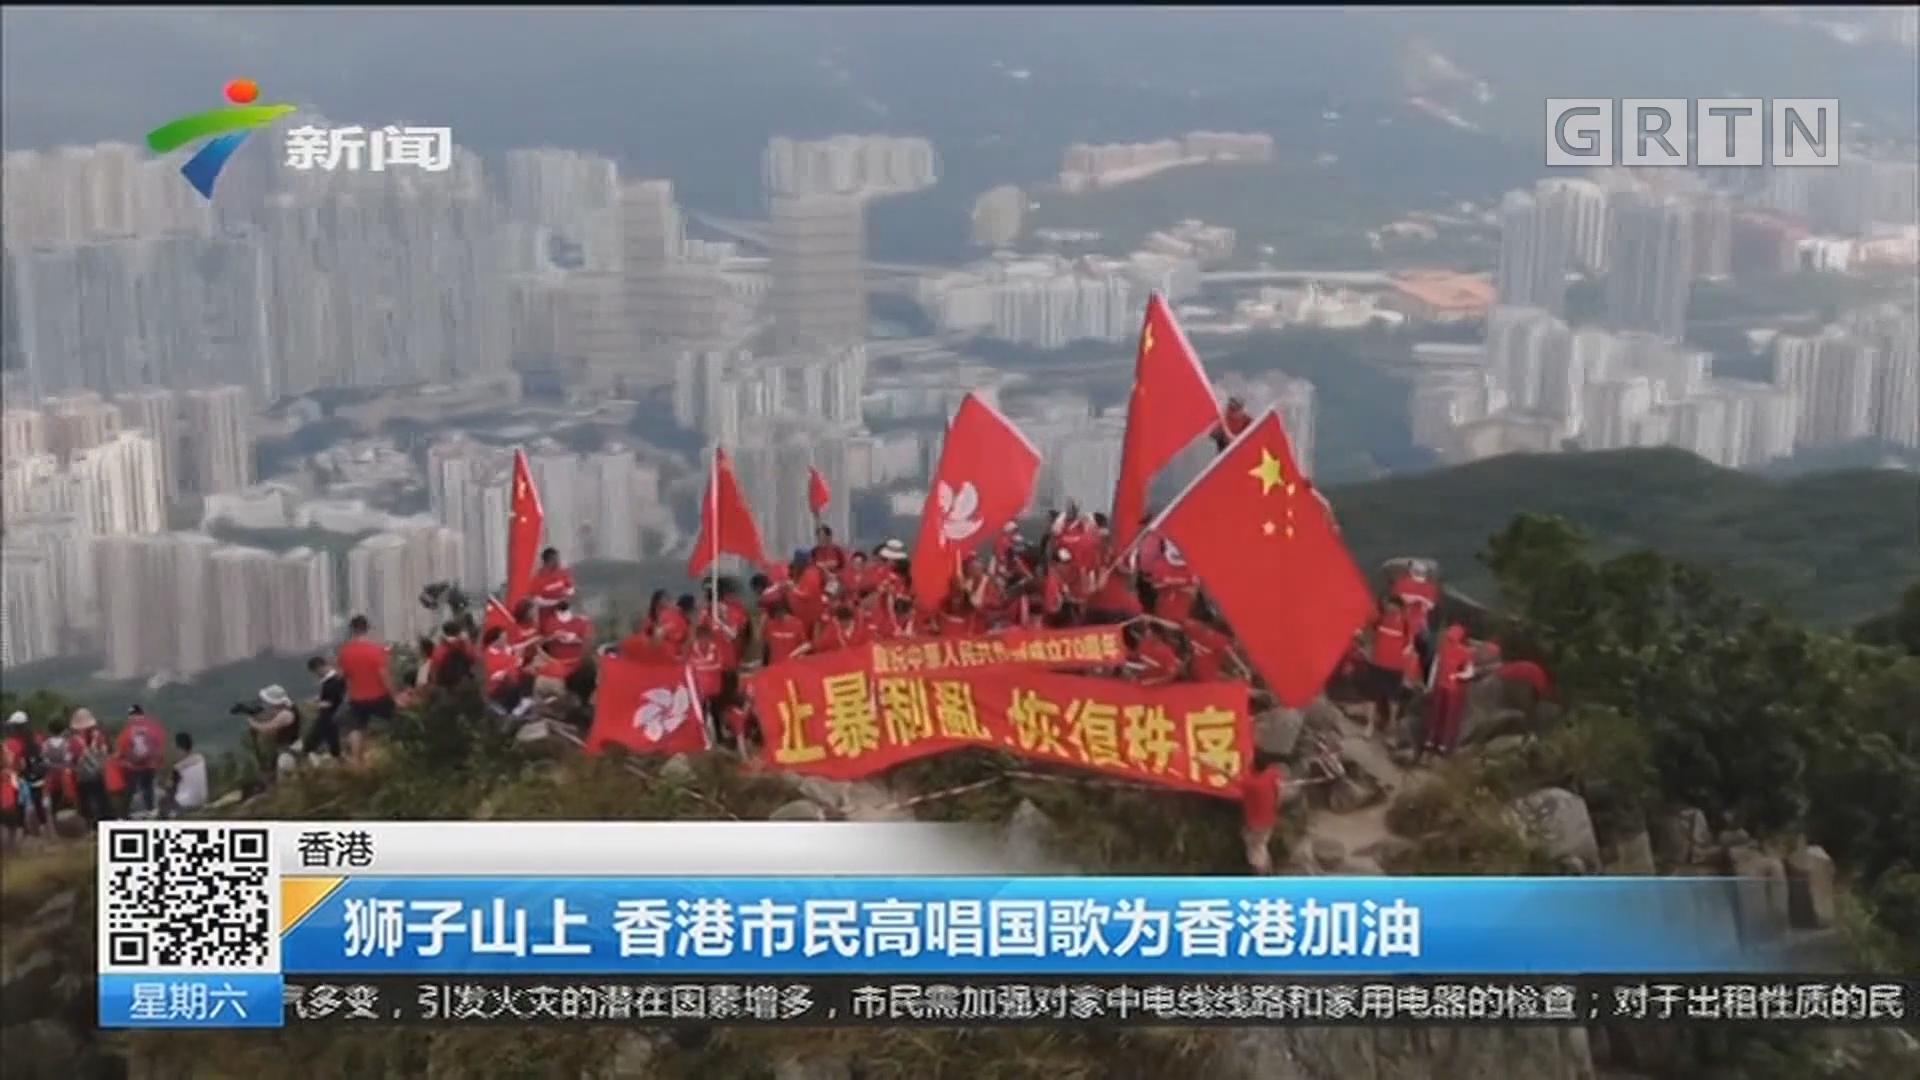 香港:狮子山上 香港市民高唱国歌为香港加油